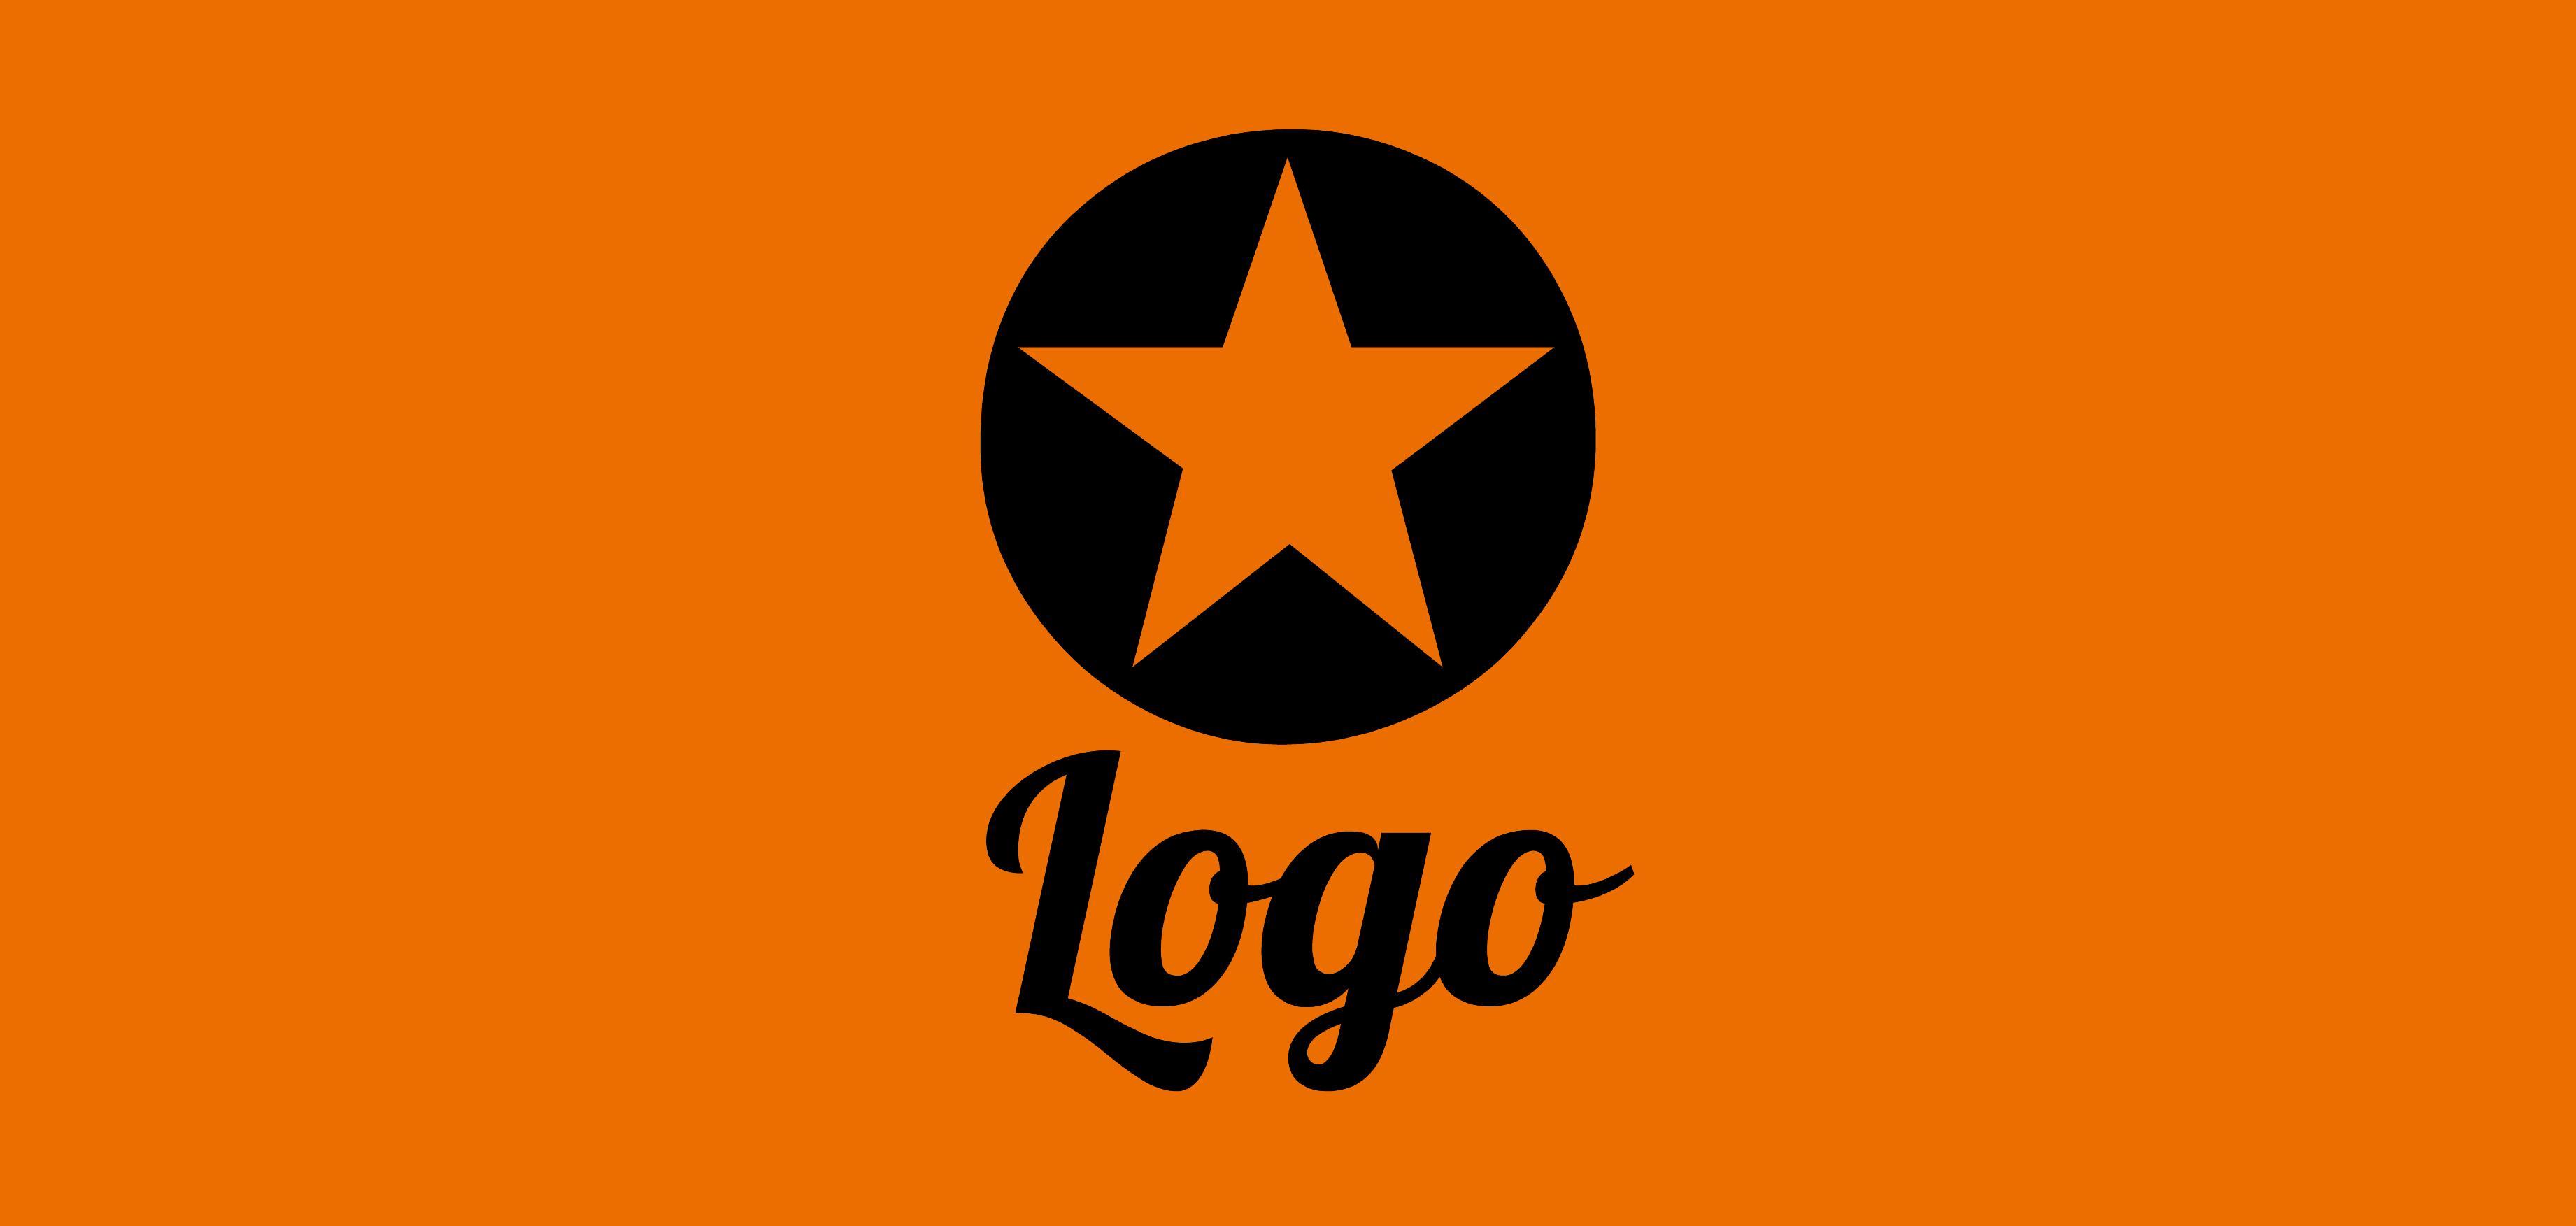 Pautas_buen_logo_para_mi_negocio